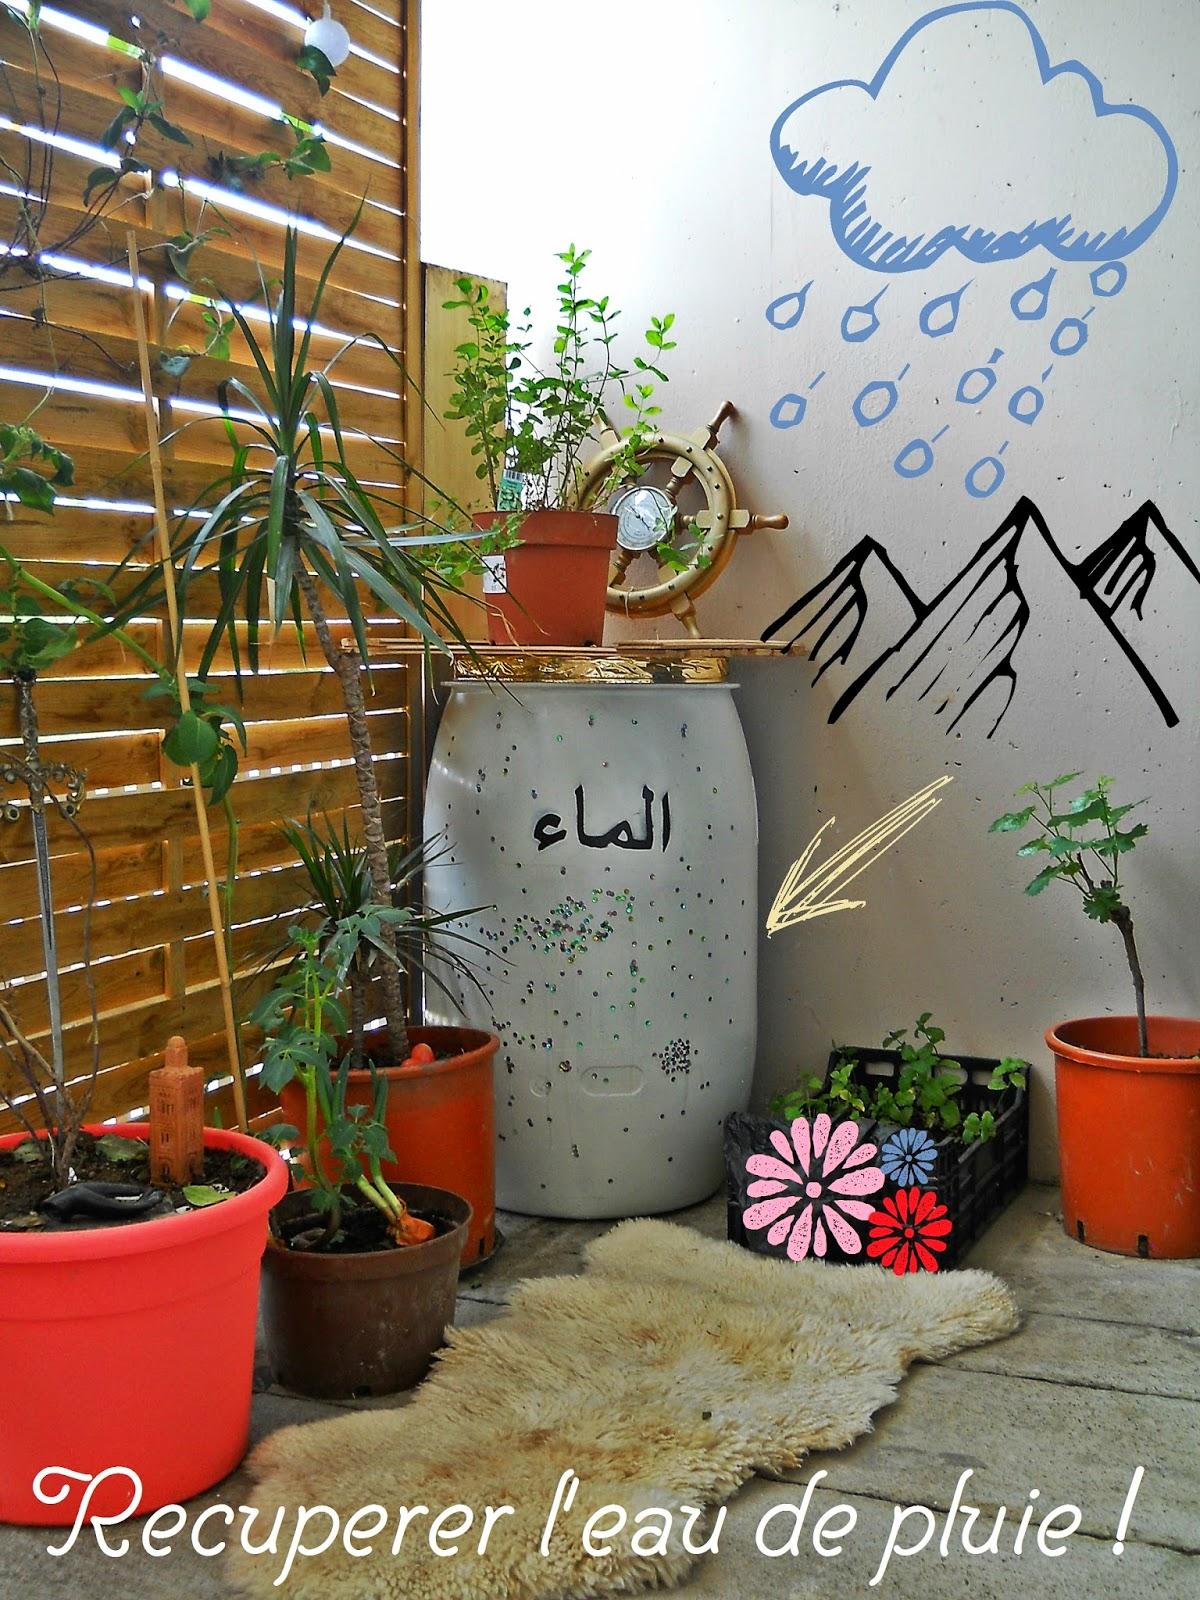 le boudoir des akhawettes r cuperer l 39 eau de pluie. Black Bedroom Furniture Sets. Home Design Ideas